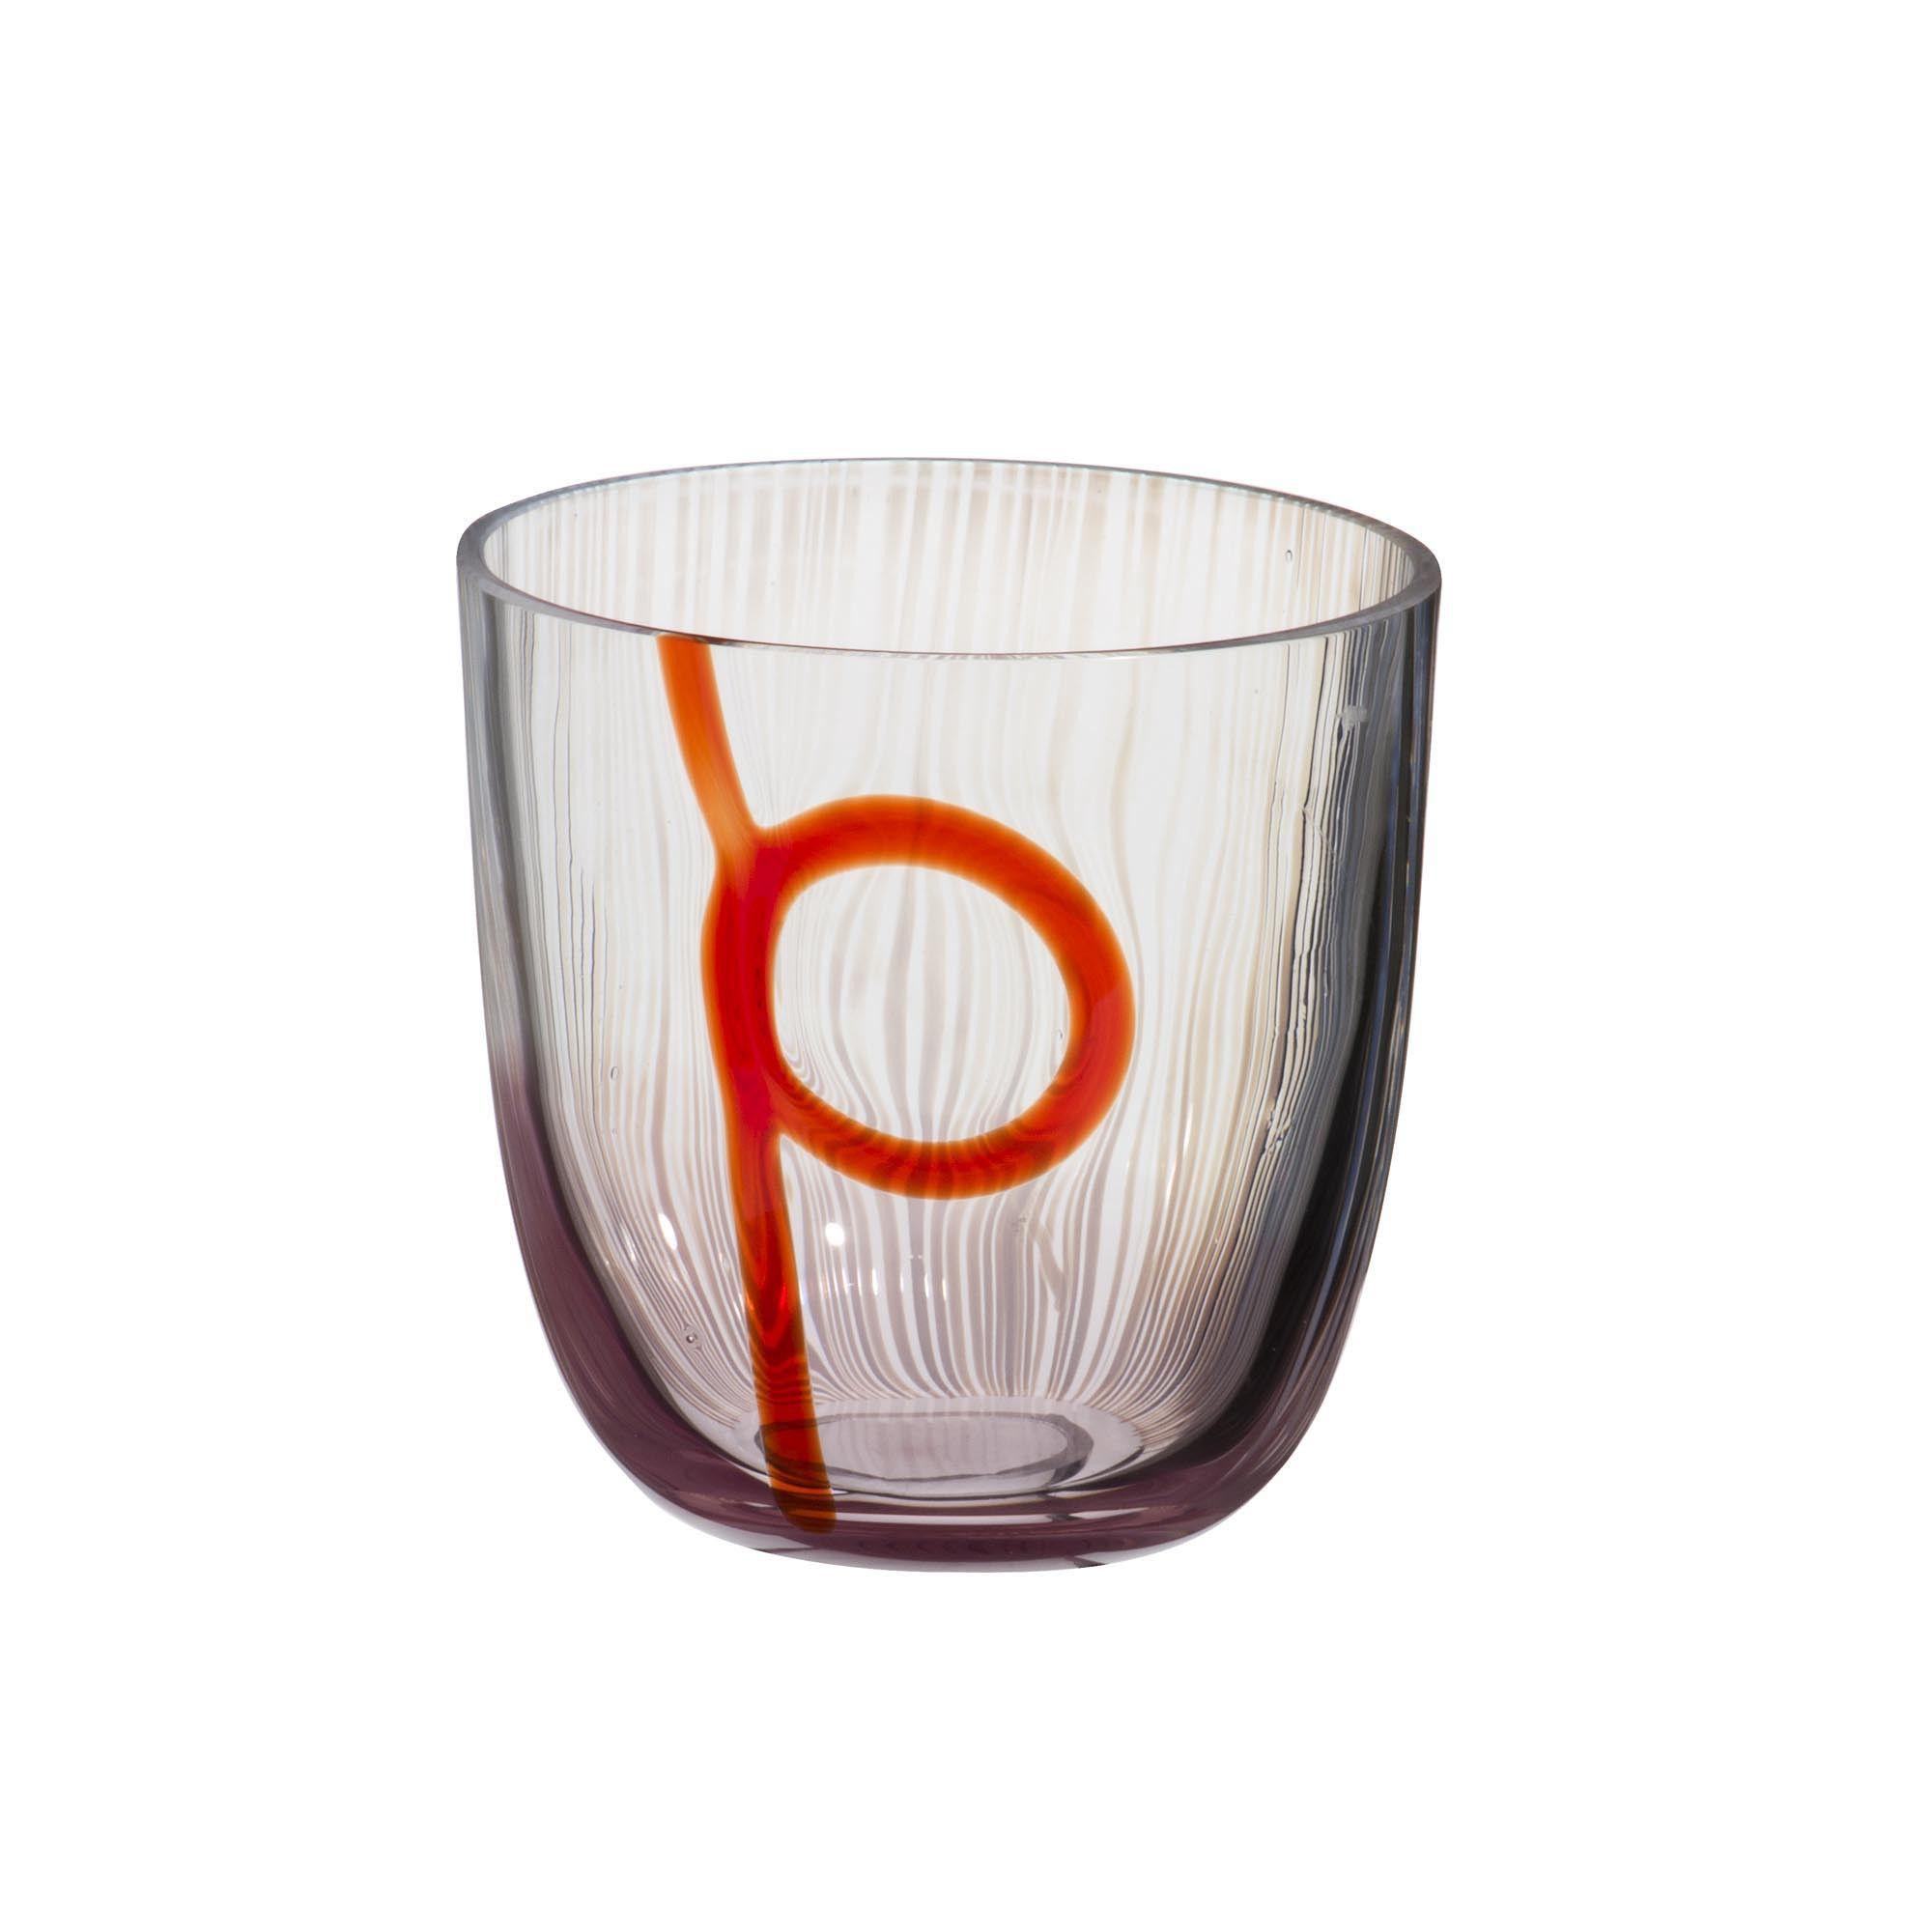 """Wasserglas der Serie """"I Diversi"""" mit rotem Muster-Dekor aus dem Glasatelier Carlo Moretti, Murano. Mundgeblasen und mit der Hand weiterverarbeitet.Bereichern Sie Ihren Esstisch mit Glasbläserkunst aus Murano. Muranoglas - Muranoglass - Murano Glas"""